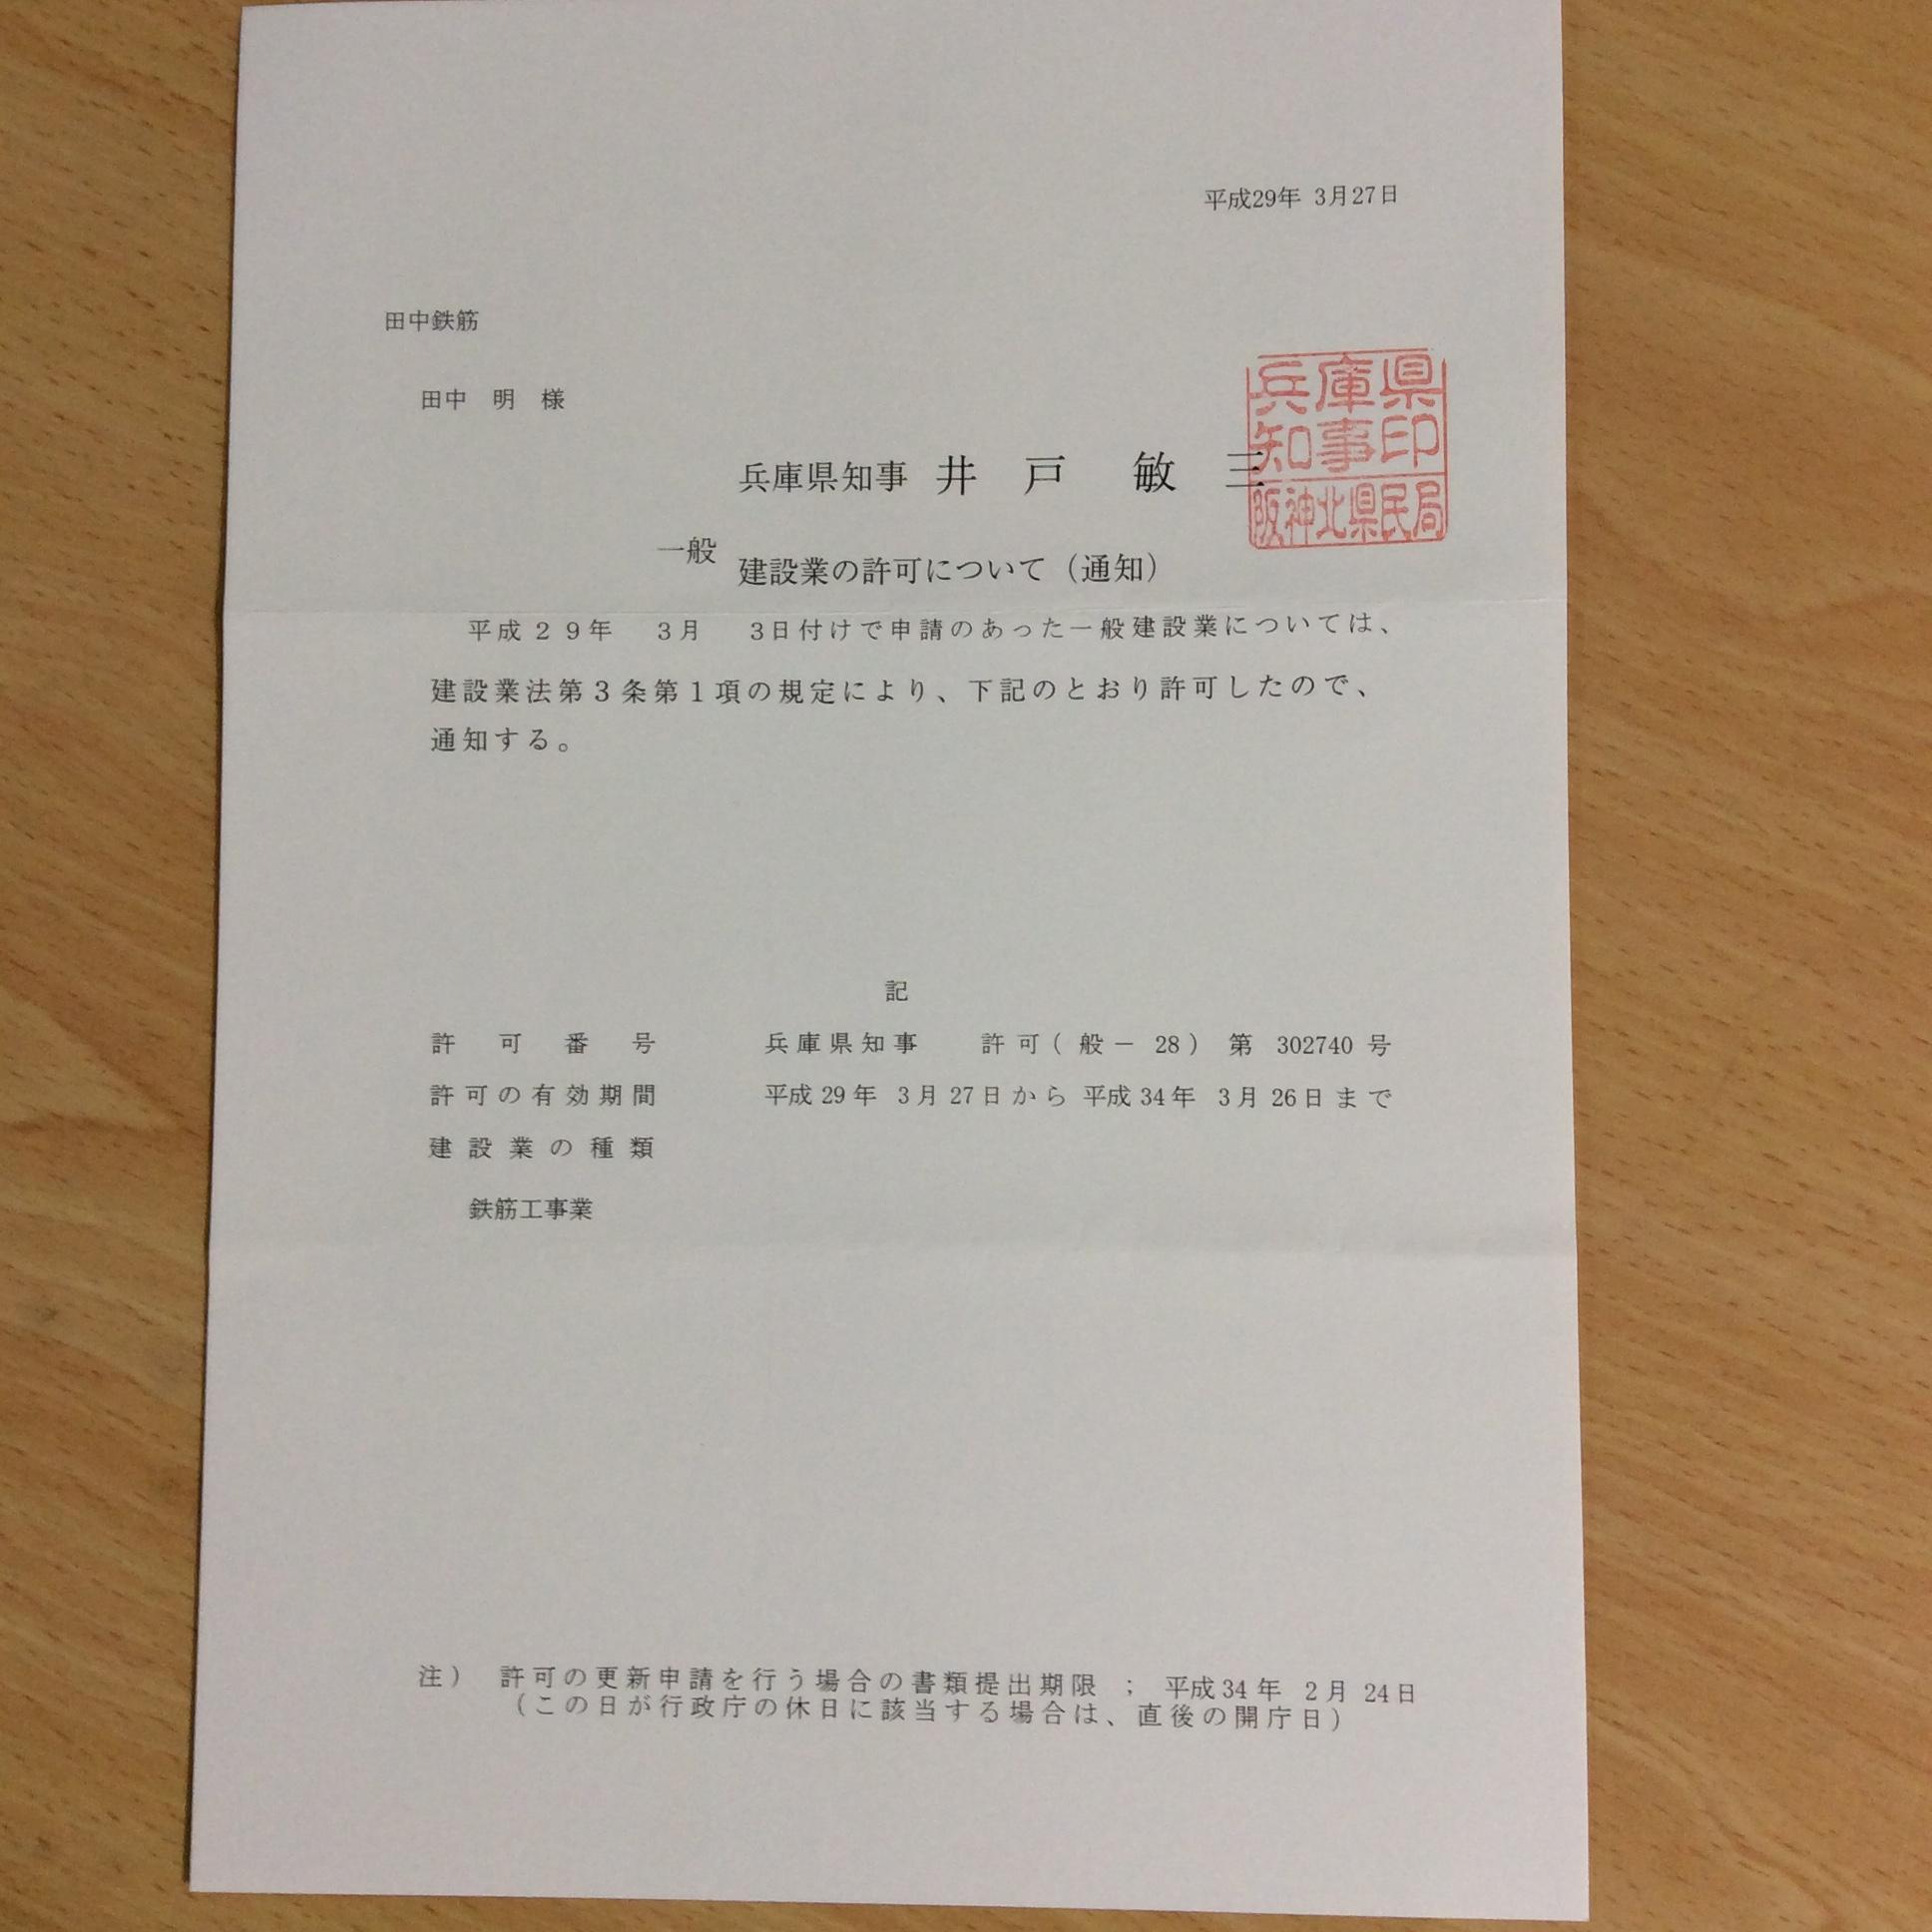 兵庫県一般建設業許可 鉄筋工事業 田中鉄筋様